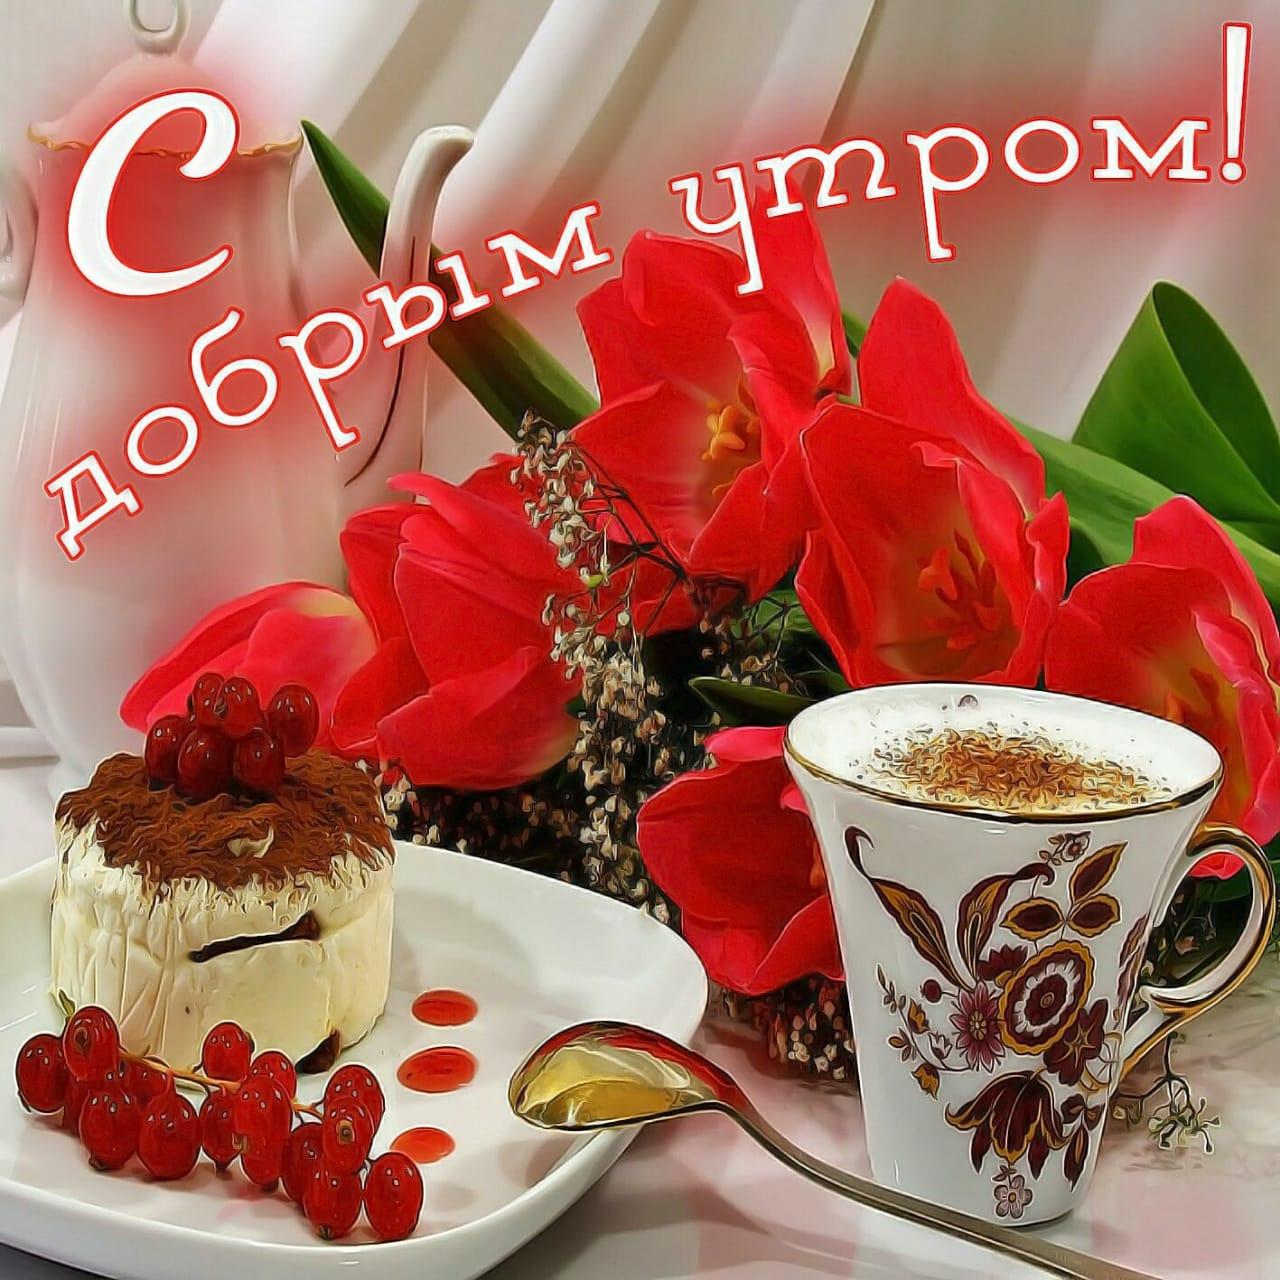 Красивые открытки с добрым днем и хорошего настроения, подписать открытку учительнице